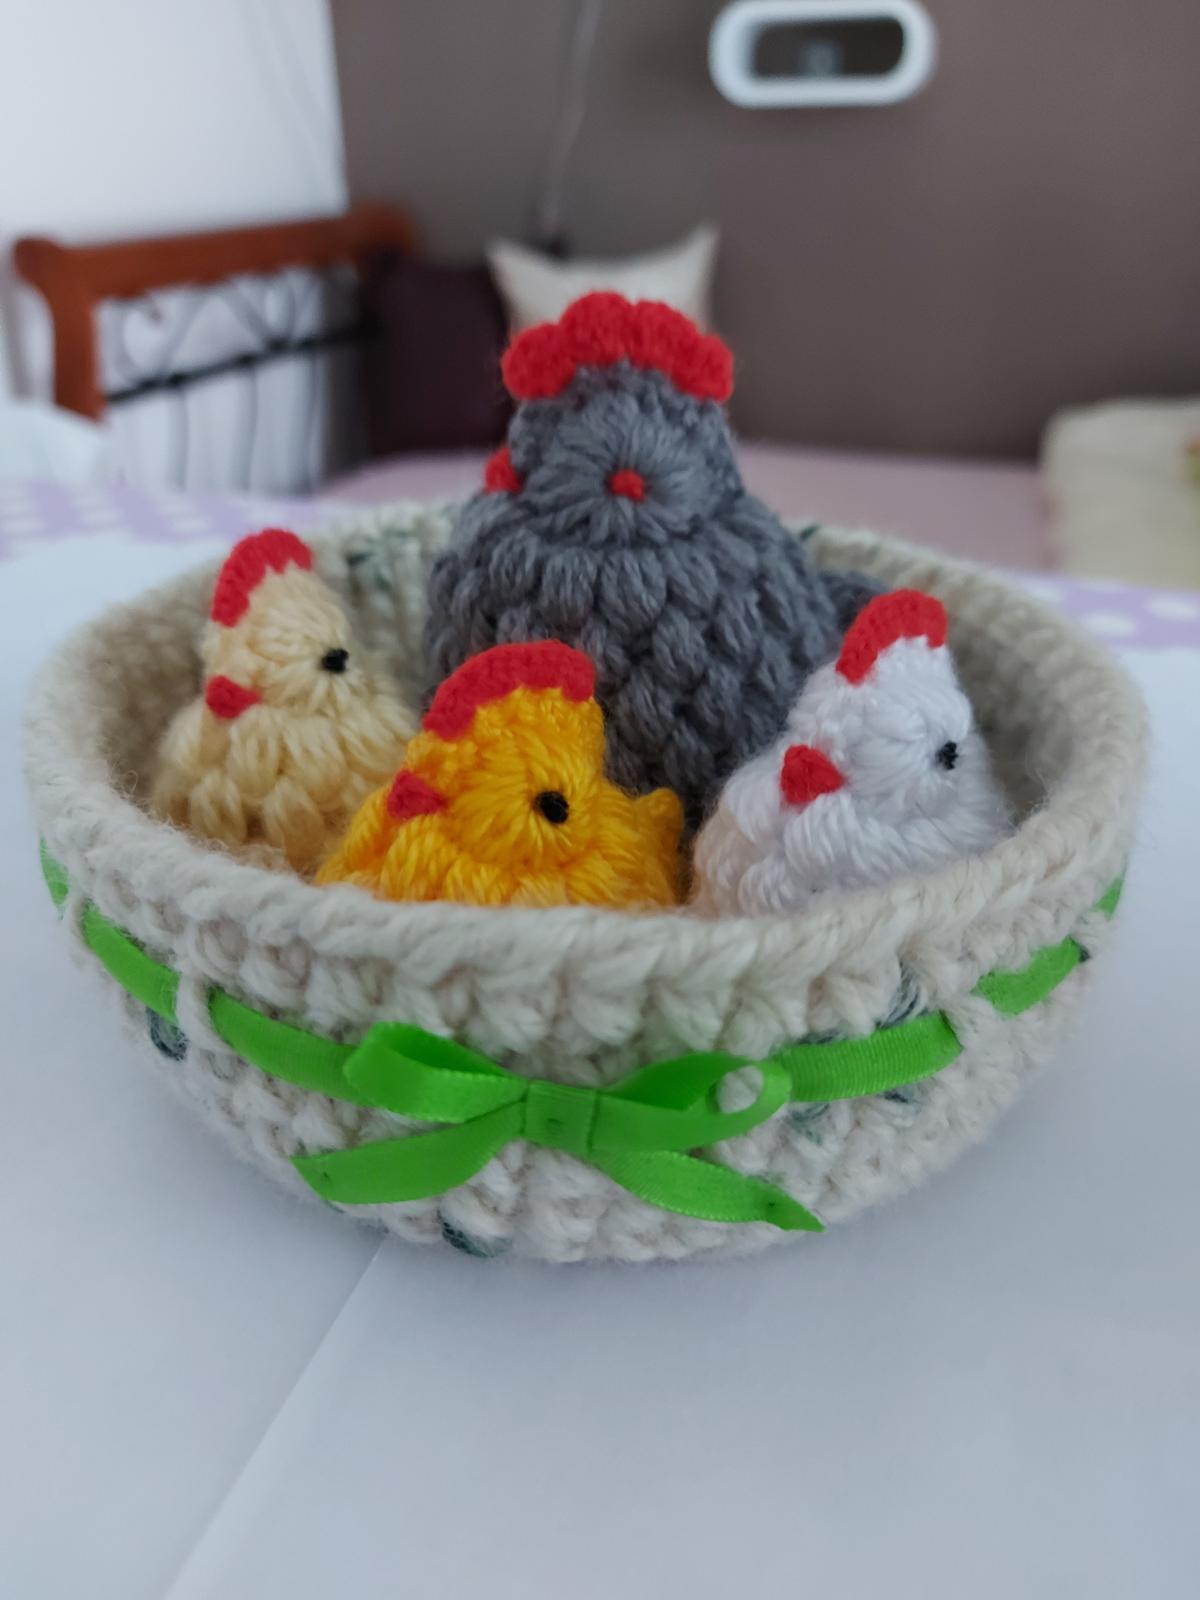 Veľká noc - vajíčko, kuriatko, zajačik, košíček - Obrázok č. 1